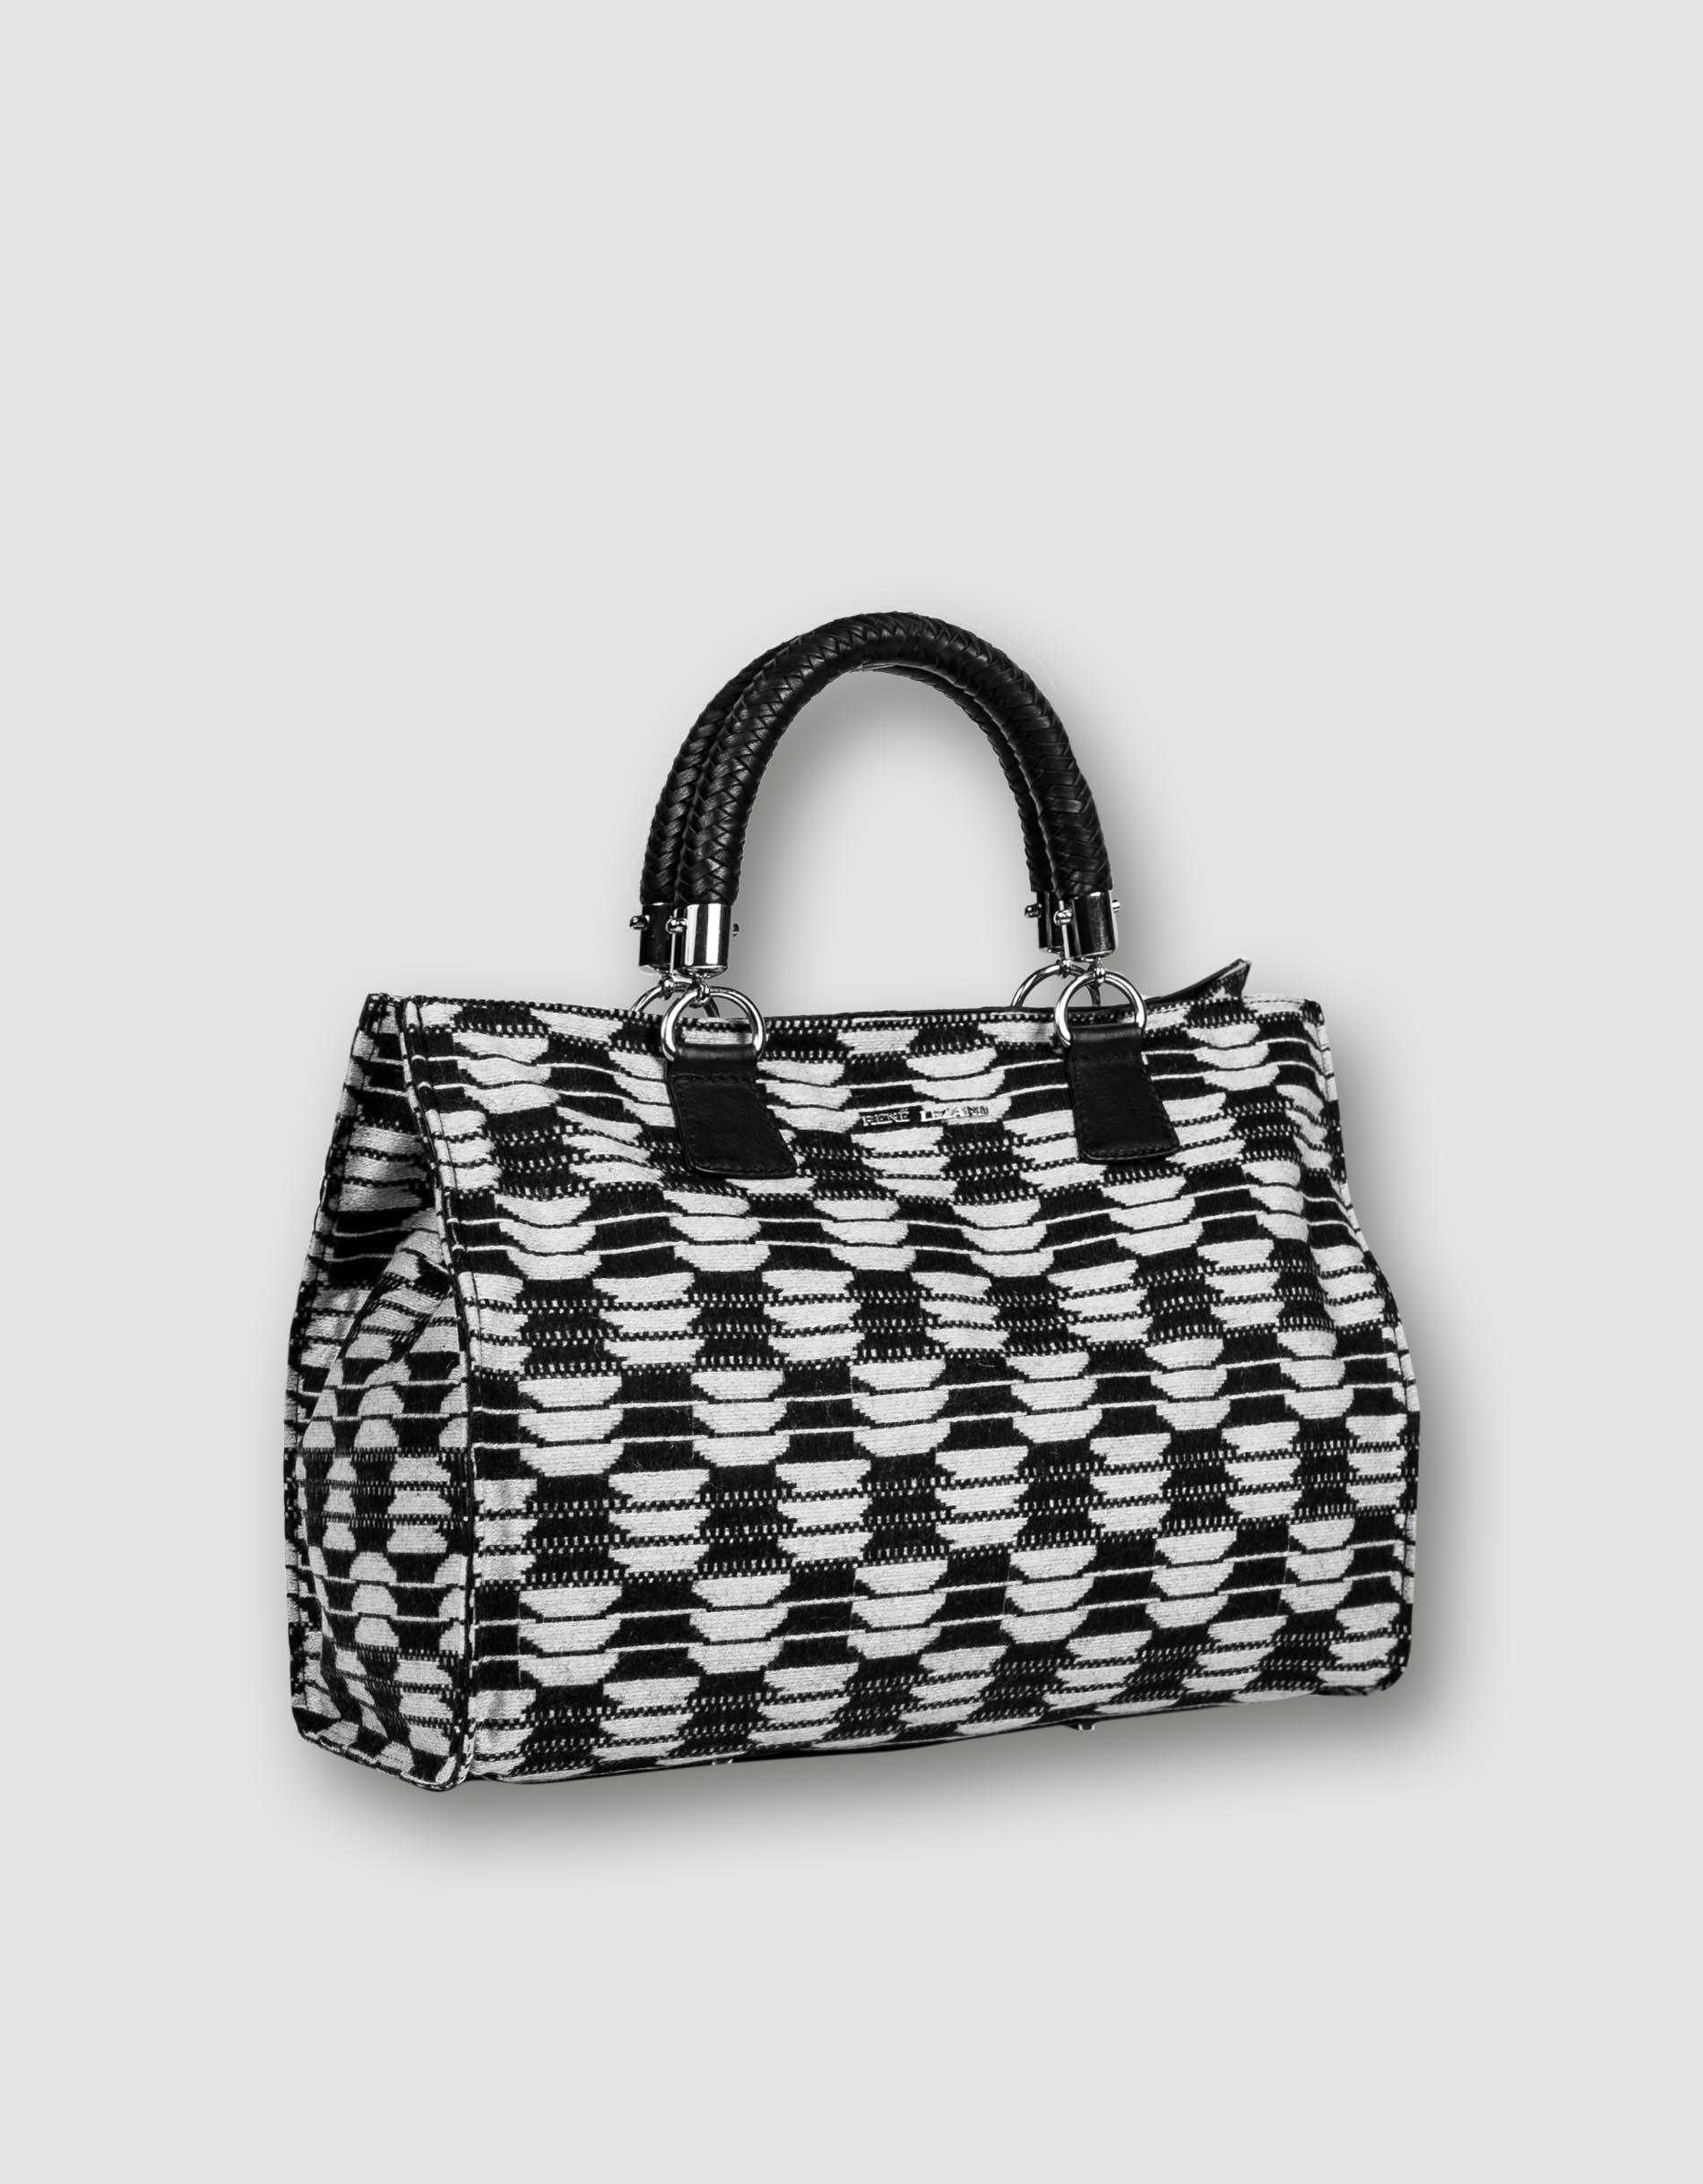 39fd1e924ae60 RENÉ LEZARD Damen Tasche schwarz-weiß Hand mit raffinierter Oberfläche  empfohlen von Deinen Schwestern